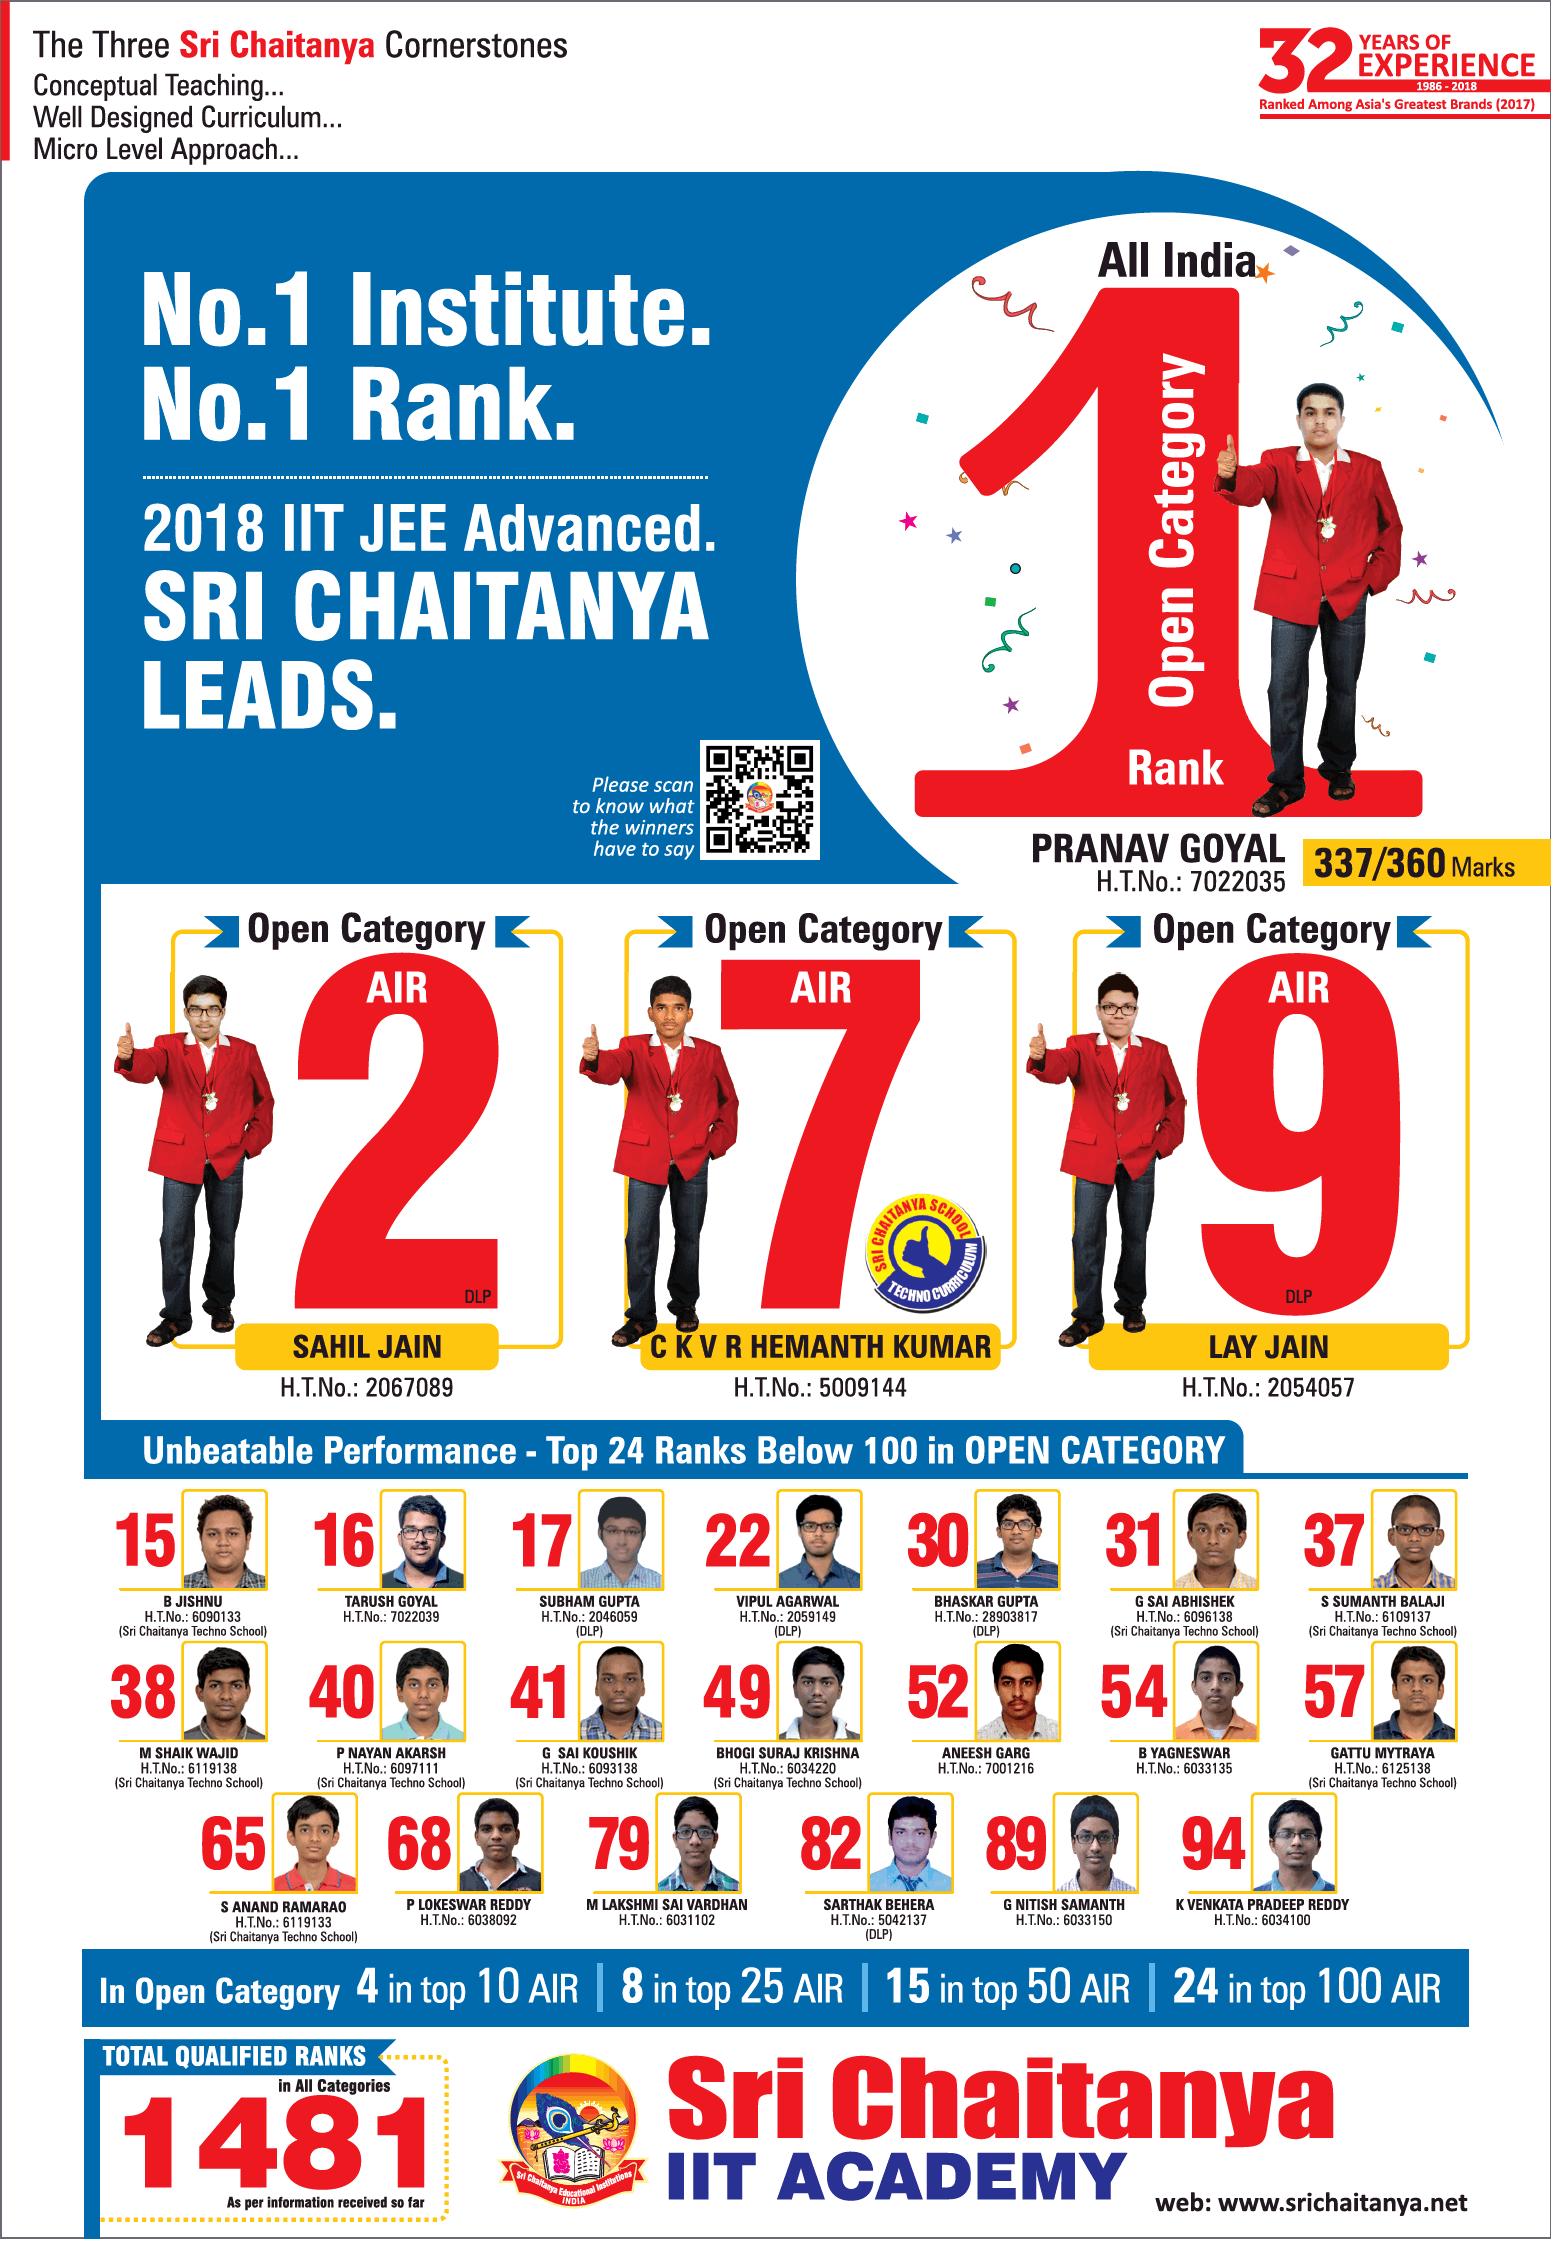 Sri Chaitanya Iit Academy No 1 Institute No 1 Rank Ad